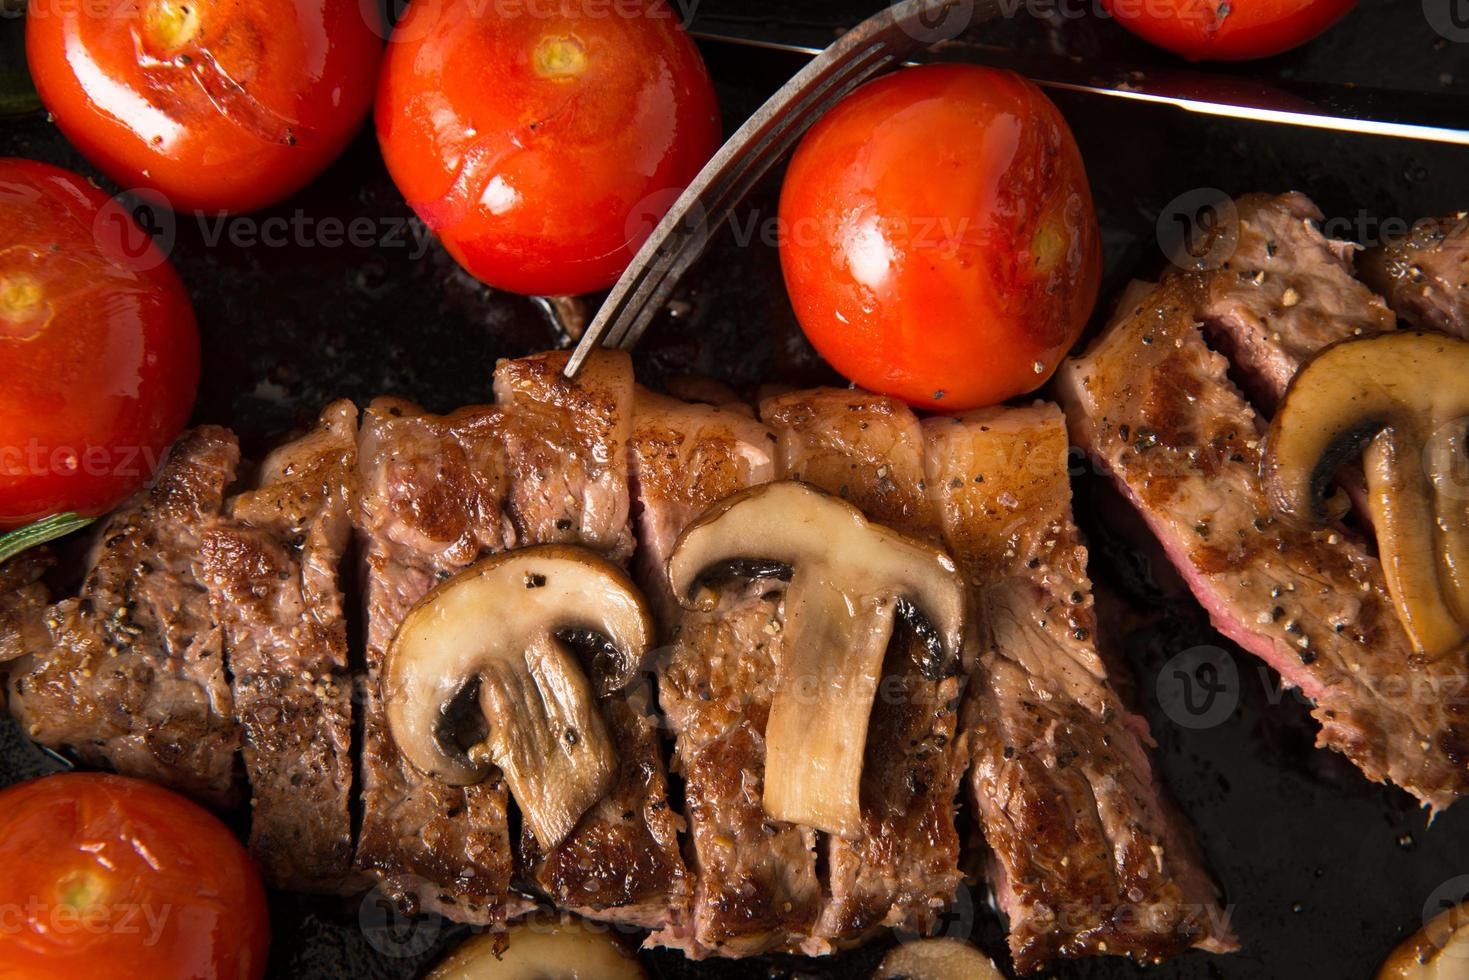 biefstuk serie reepjes: de biefstuk wordt in plakjes gesneden foto